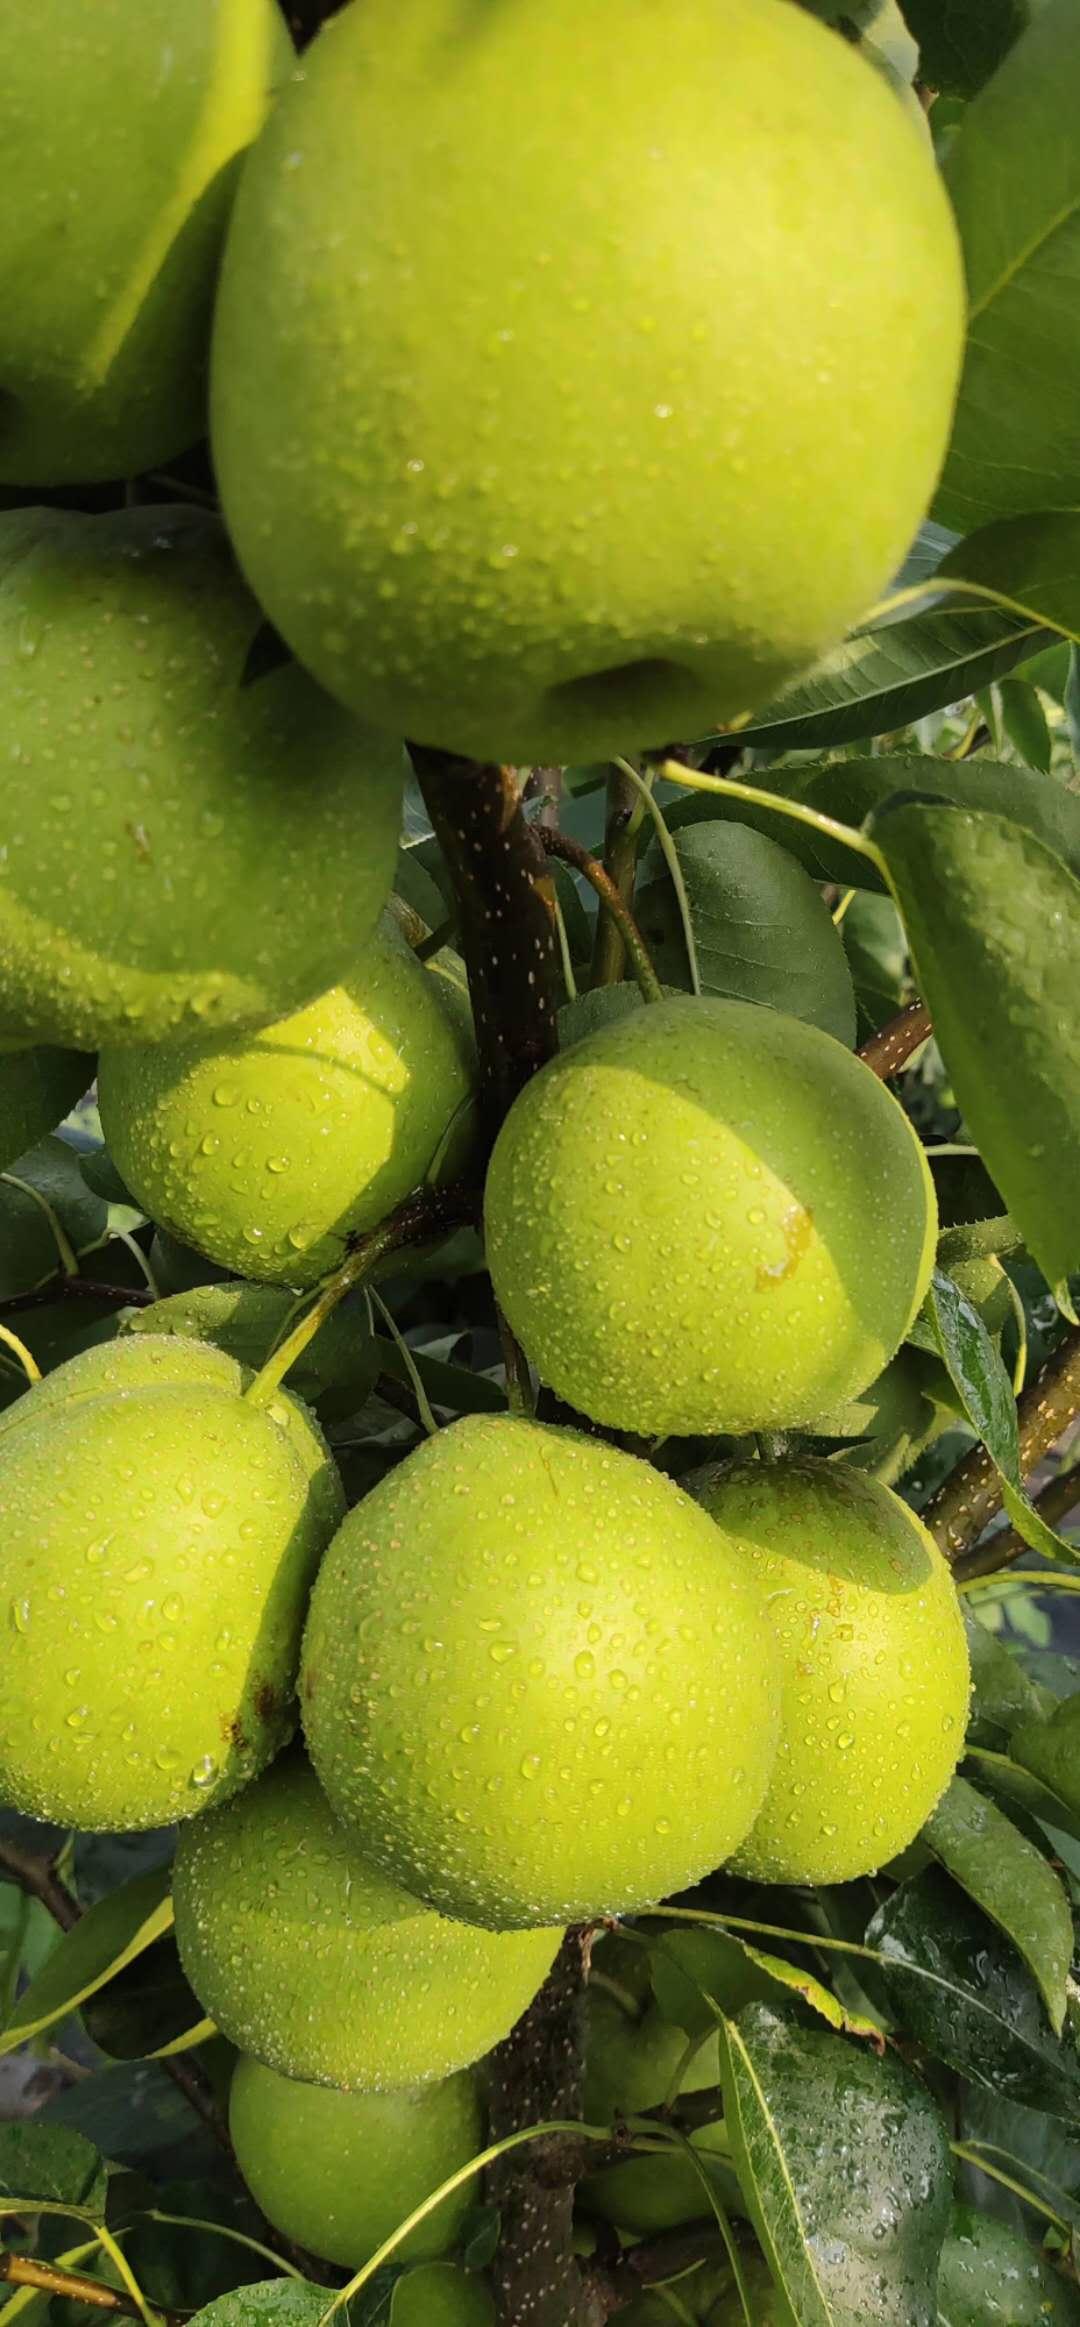 四川廣安梨子苗,梨子苗出售,脆甜品種梨子苗